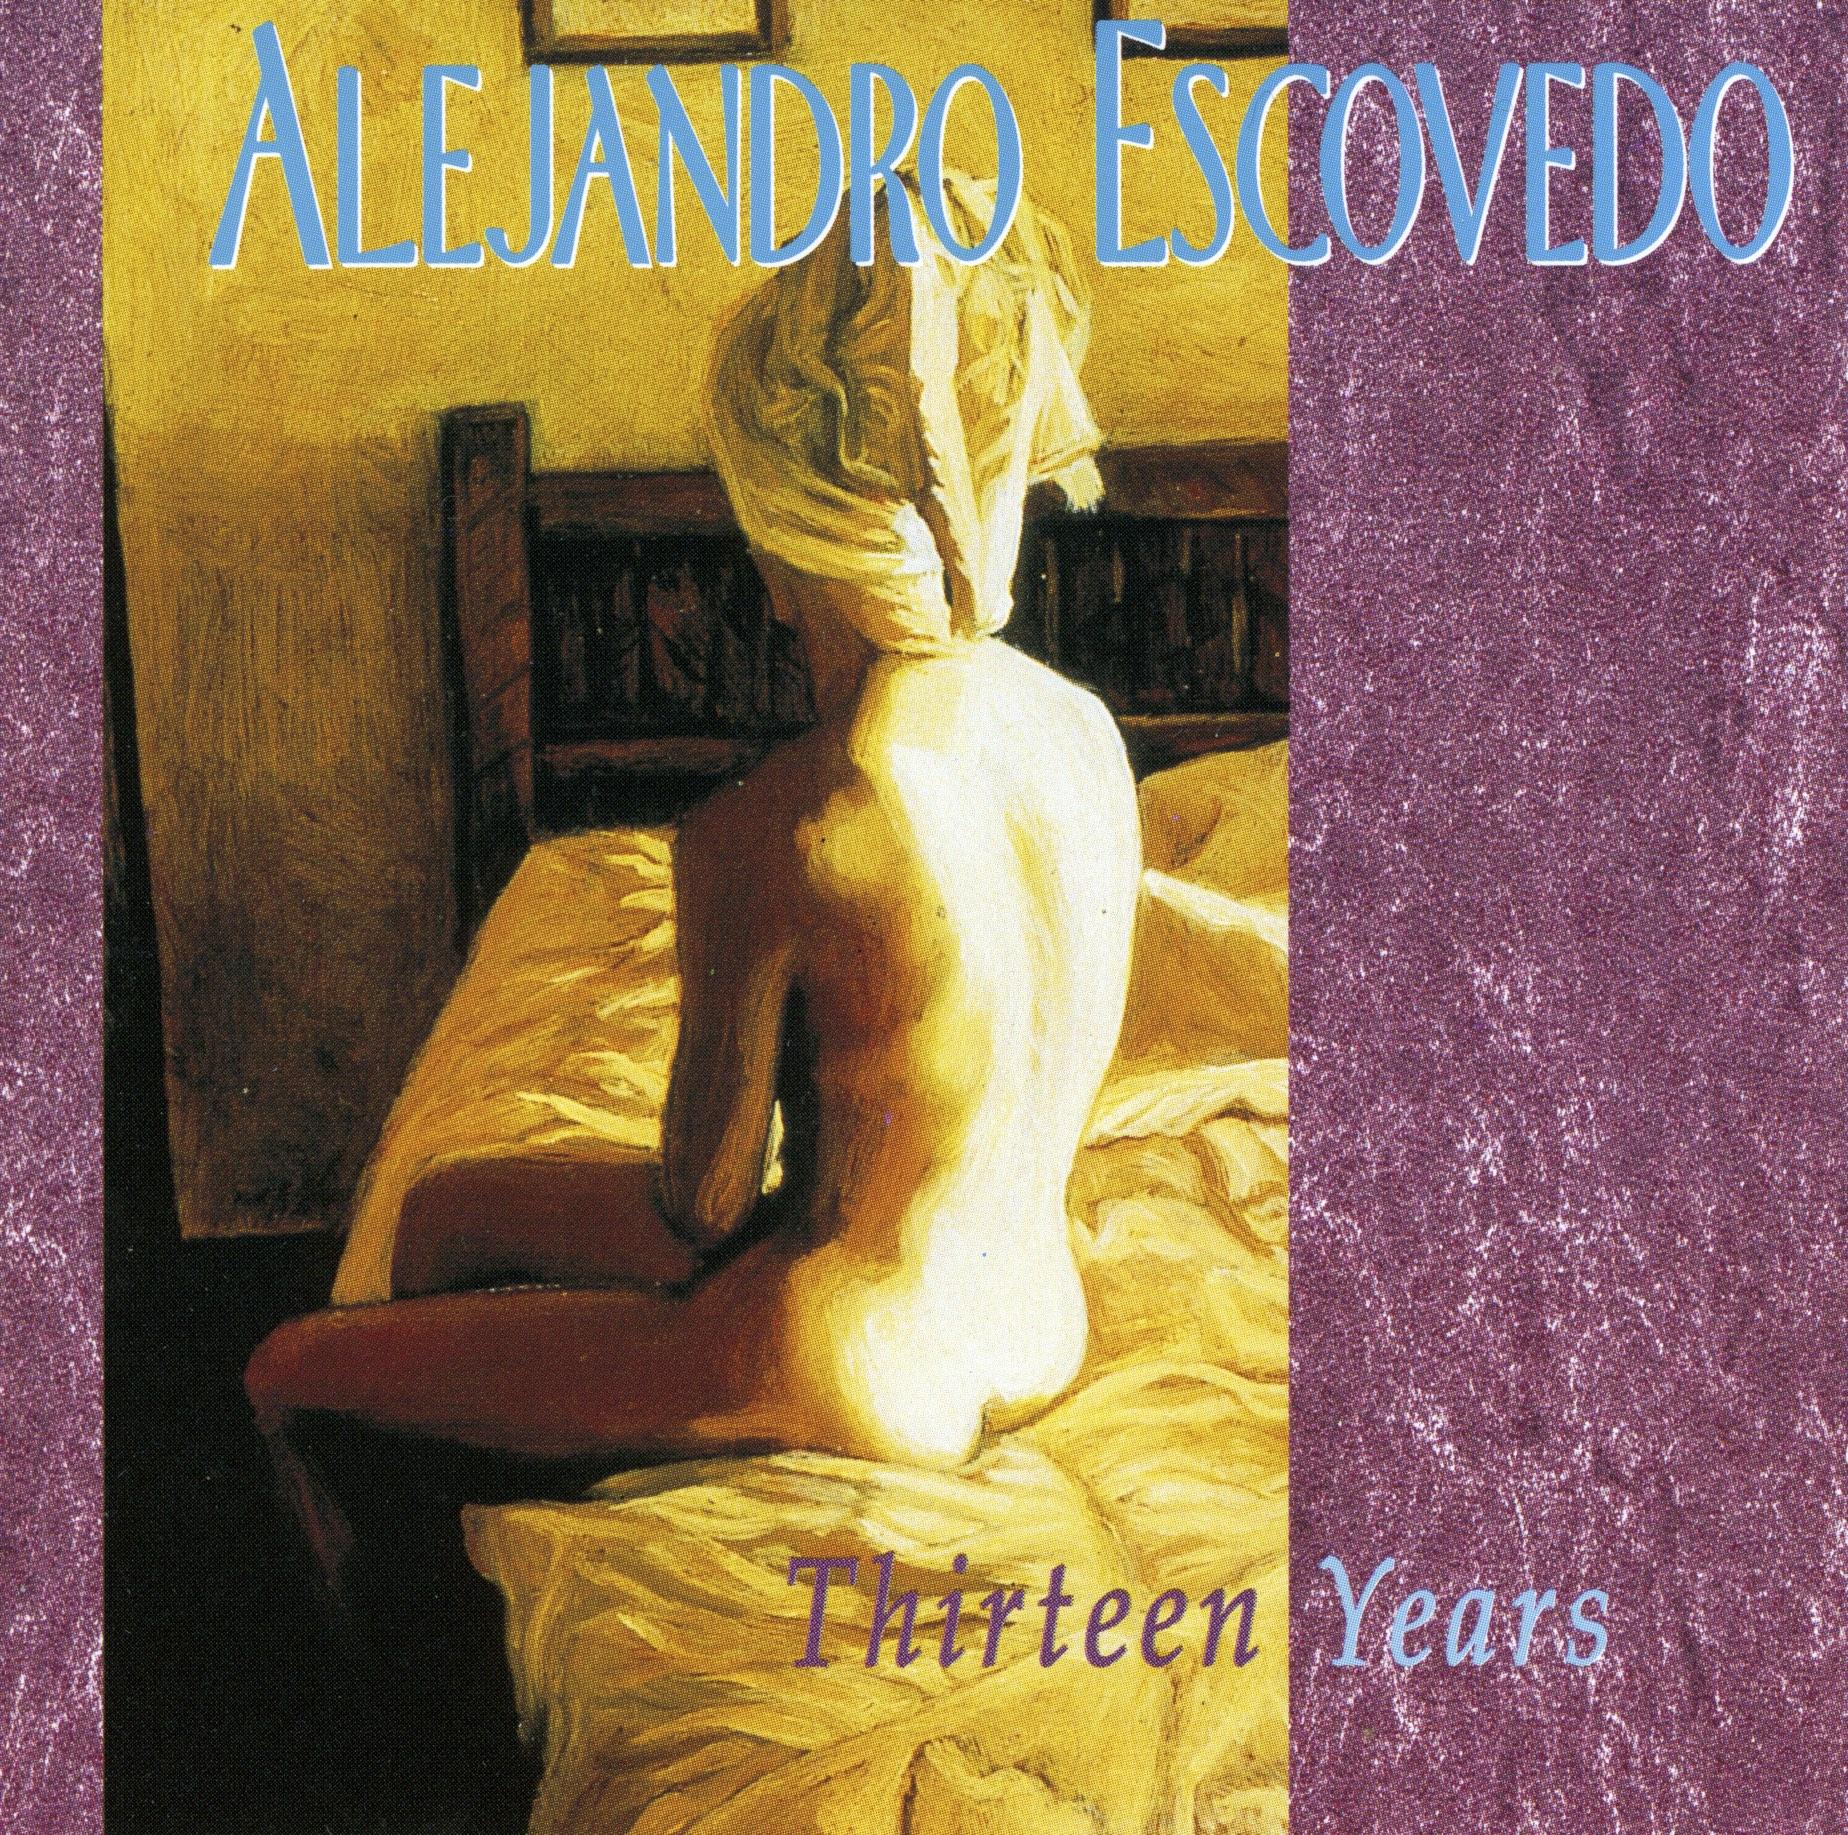 1993 - Alejandro Escovedo